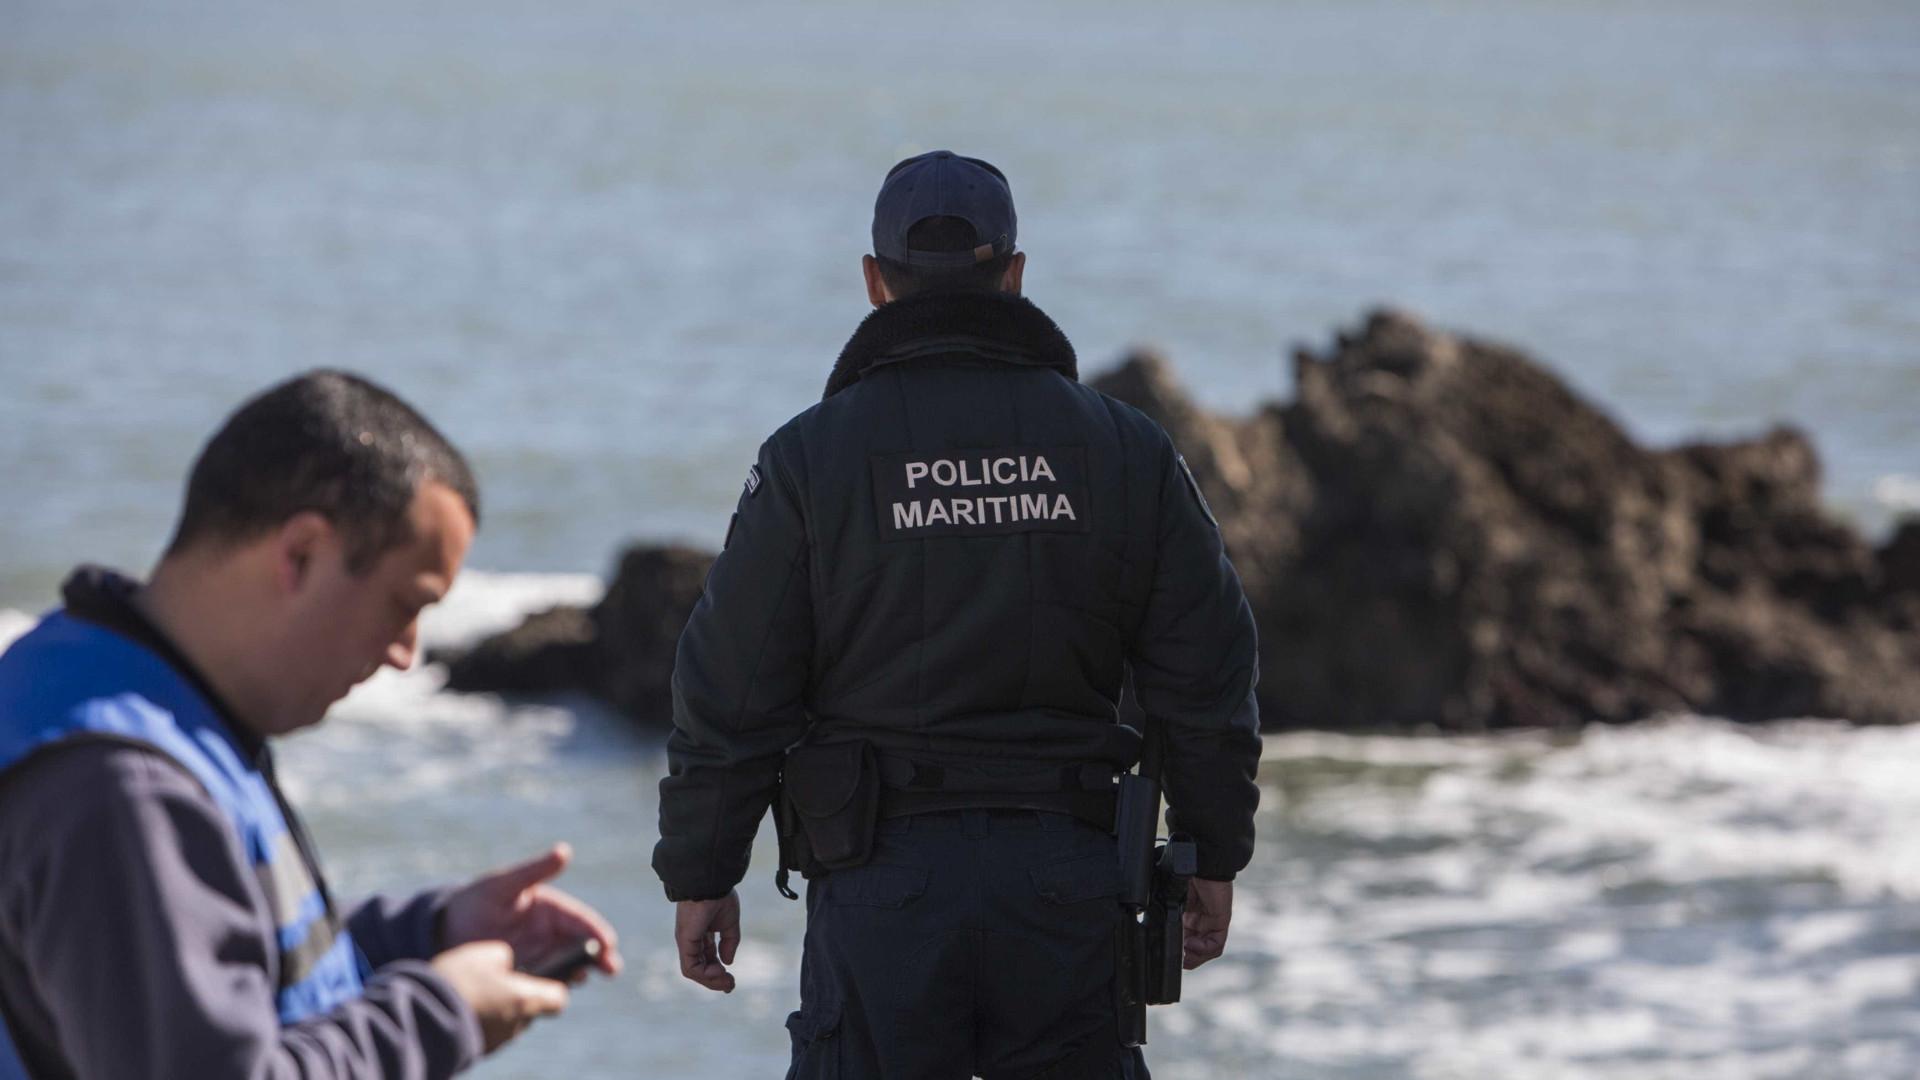 Homem que fazia caça submarina em São Jorge dado como desaparecido